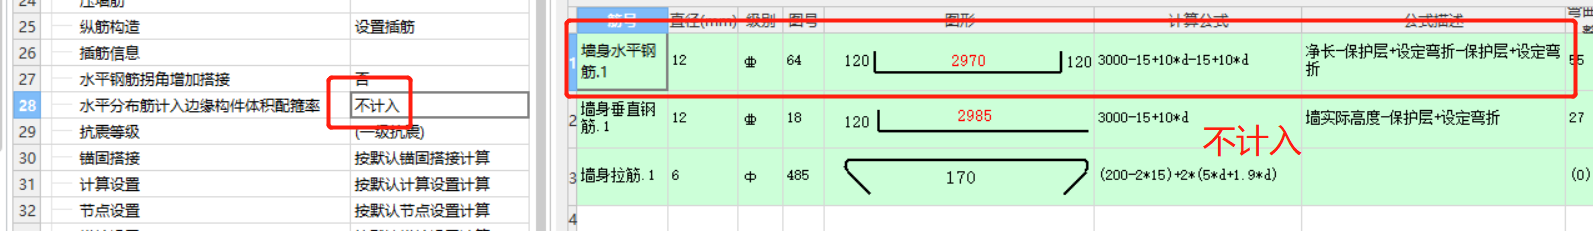 水平分布筋计入边缘构件体积配箍率是什么意思?